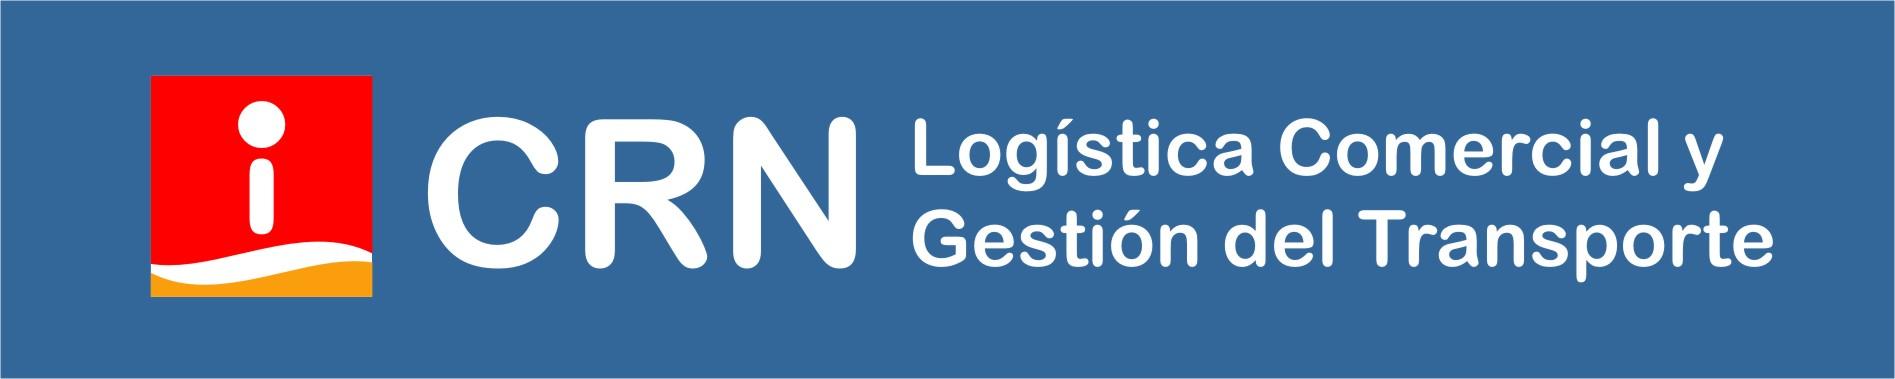 Digitalización en la Gestión de una Empresa Logística 2021